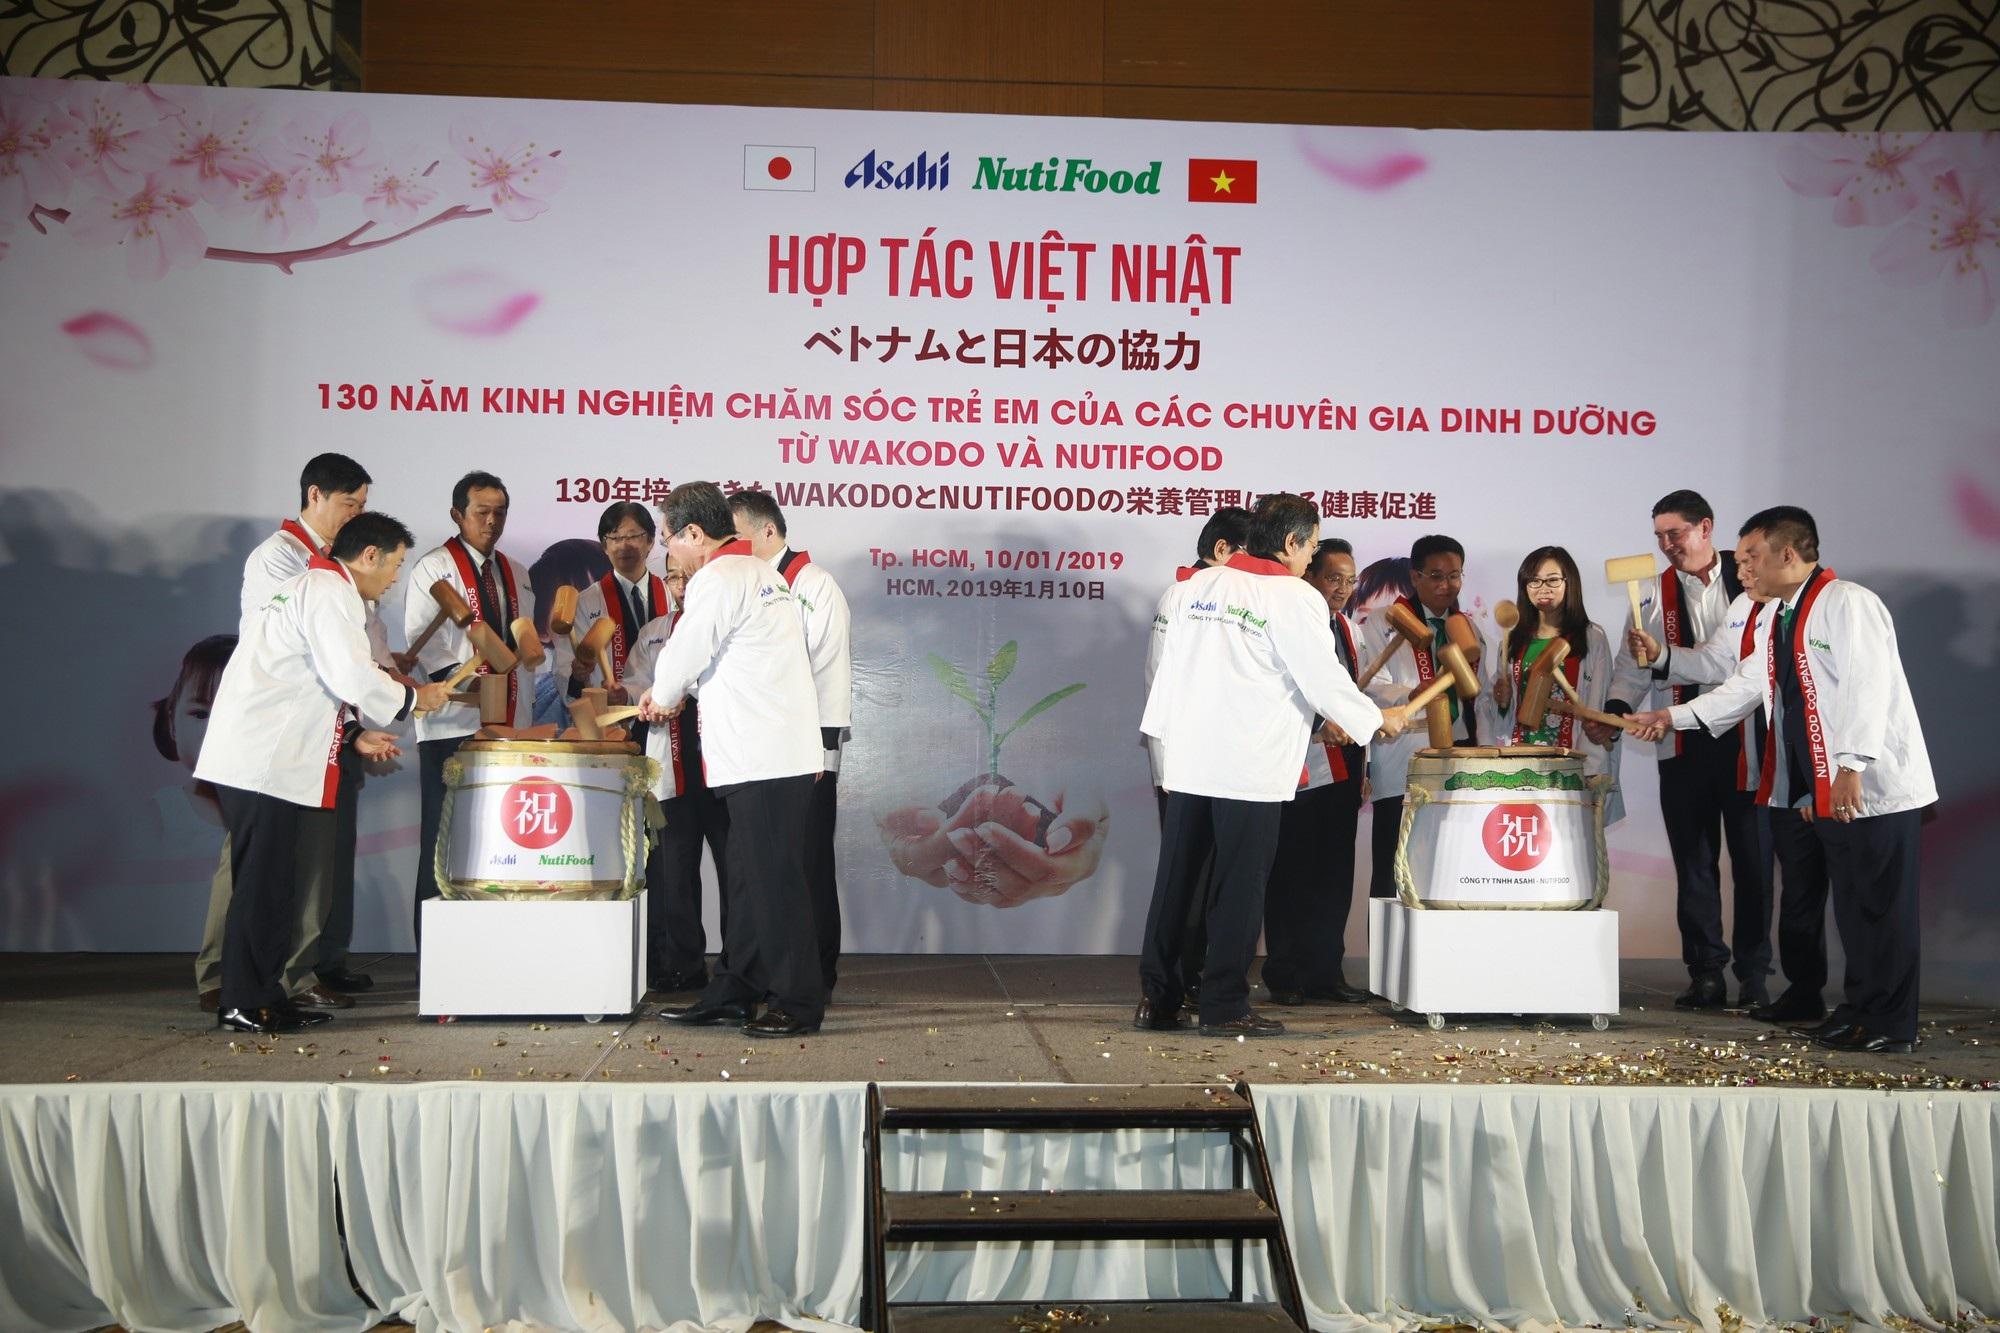 Trẻ em Việt Nam có cơ hội sử dụng sản phẩm dinh dưỡng hàng đầu Nhật Bản - Ảnh 3.